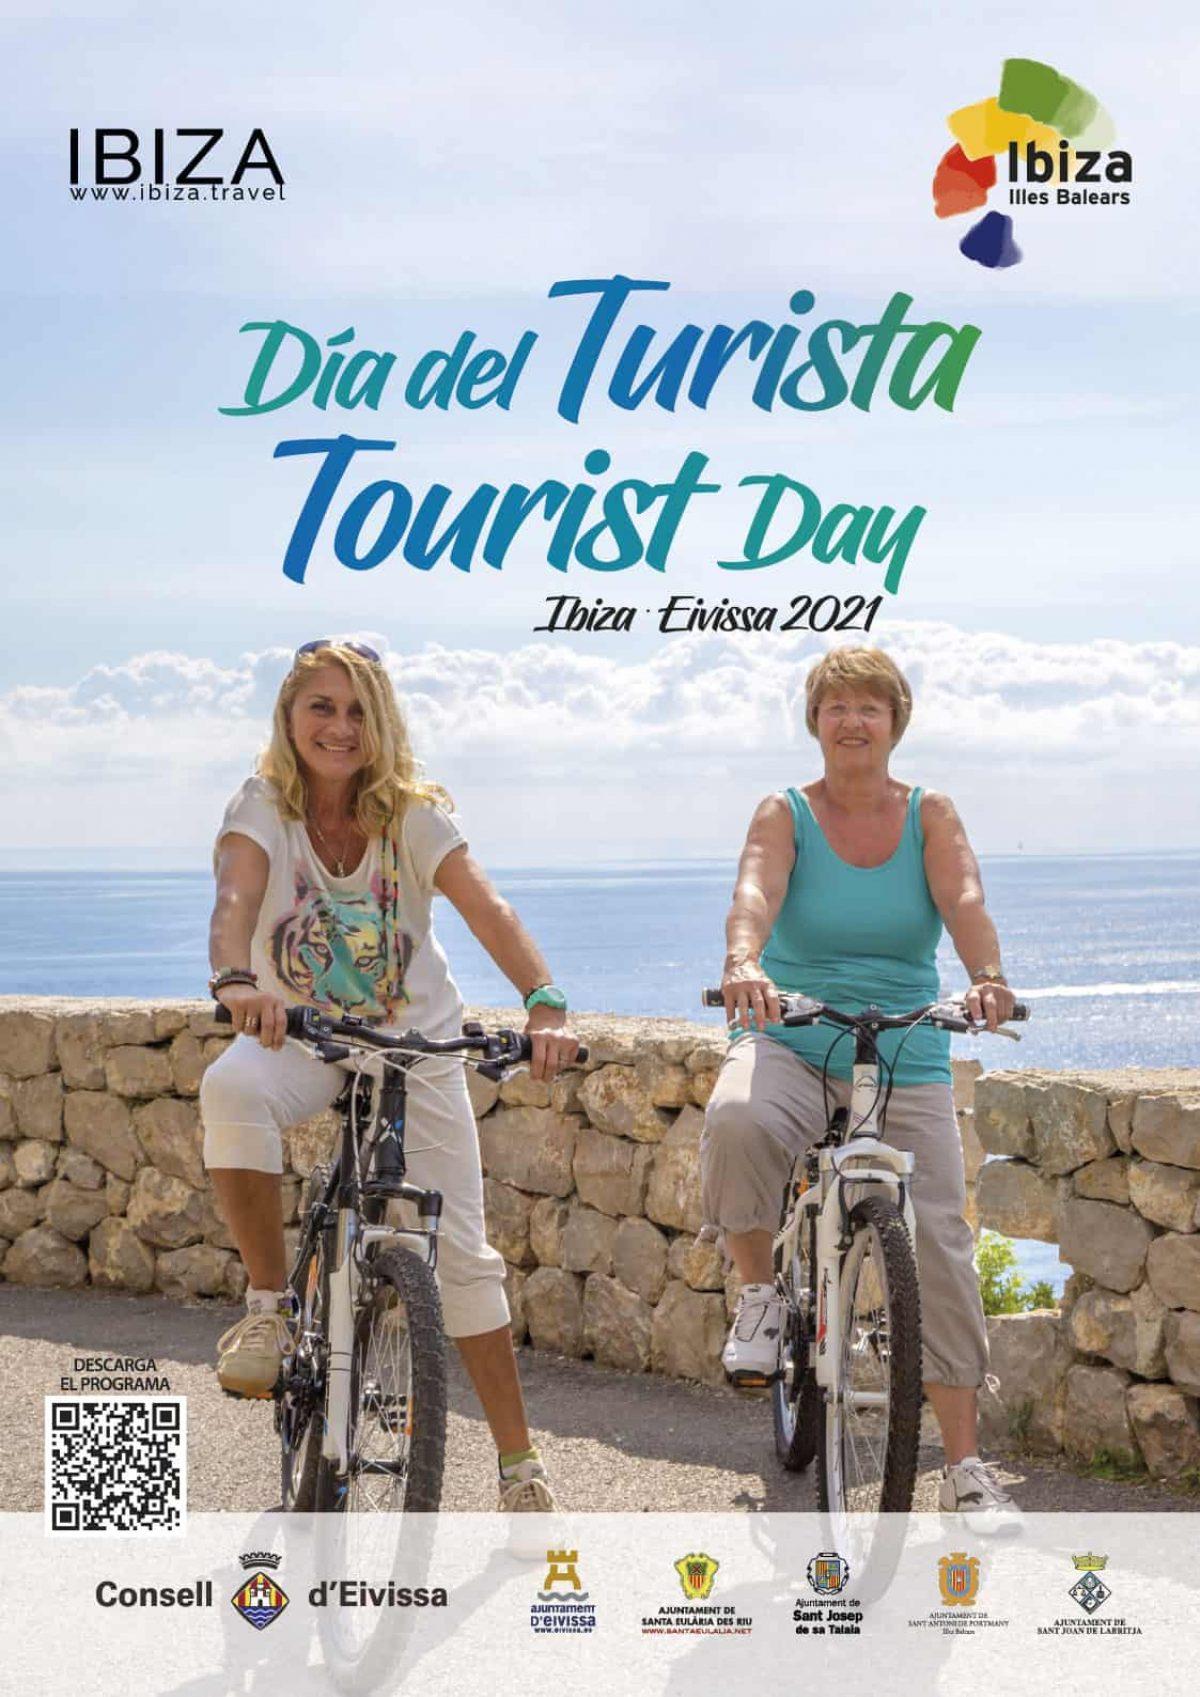 dia-de-turista-Eivissa-2021-welcometoibiza